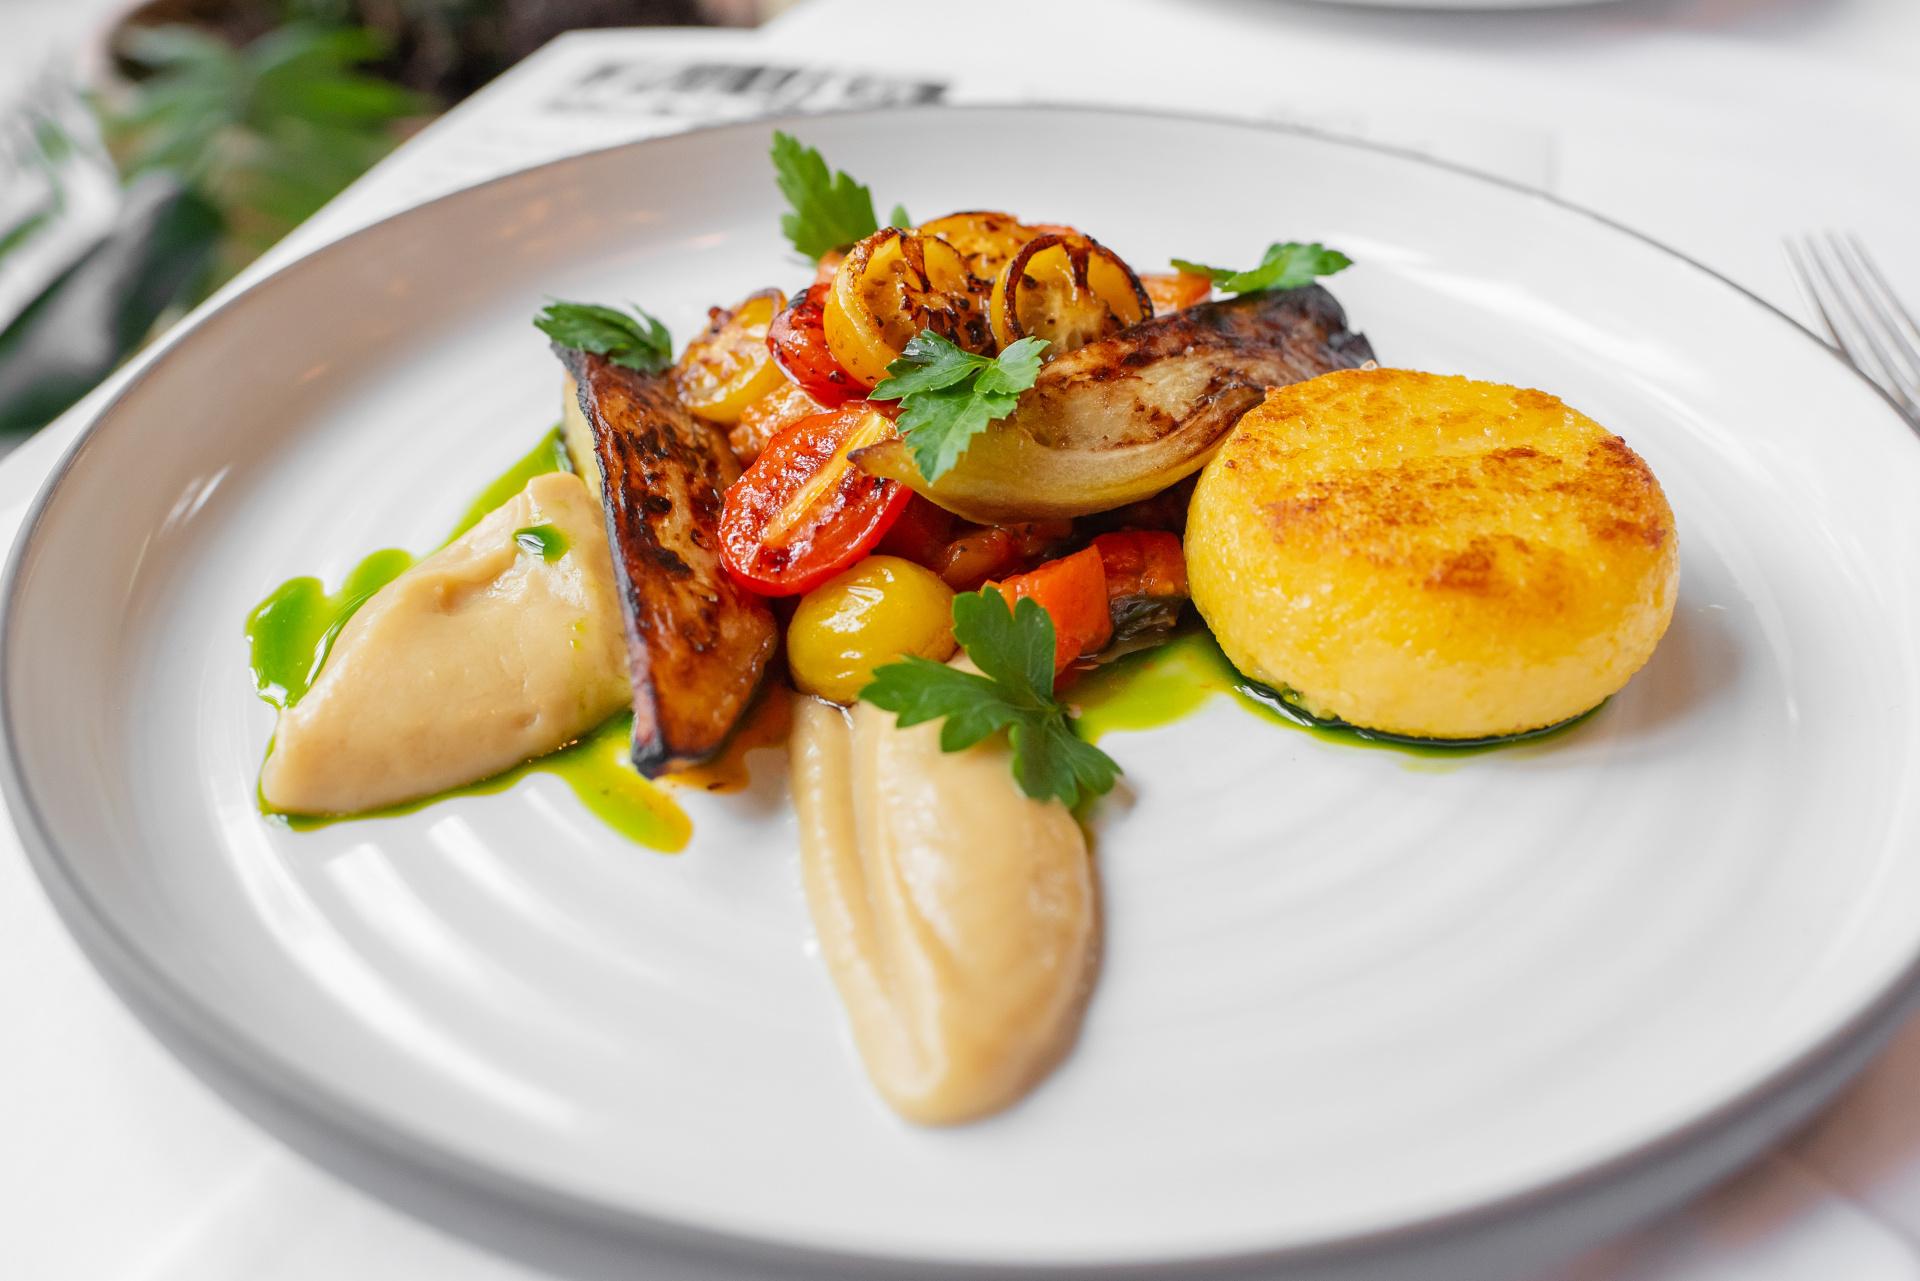 Polenta, pečený lilek, caponáta, restovaná rajčata, česnekové pyré a bazalkový olej